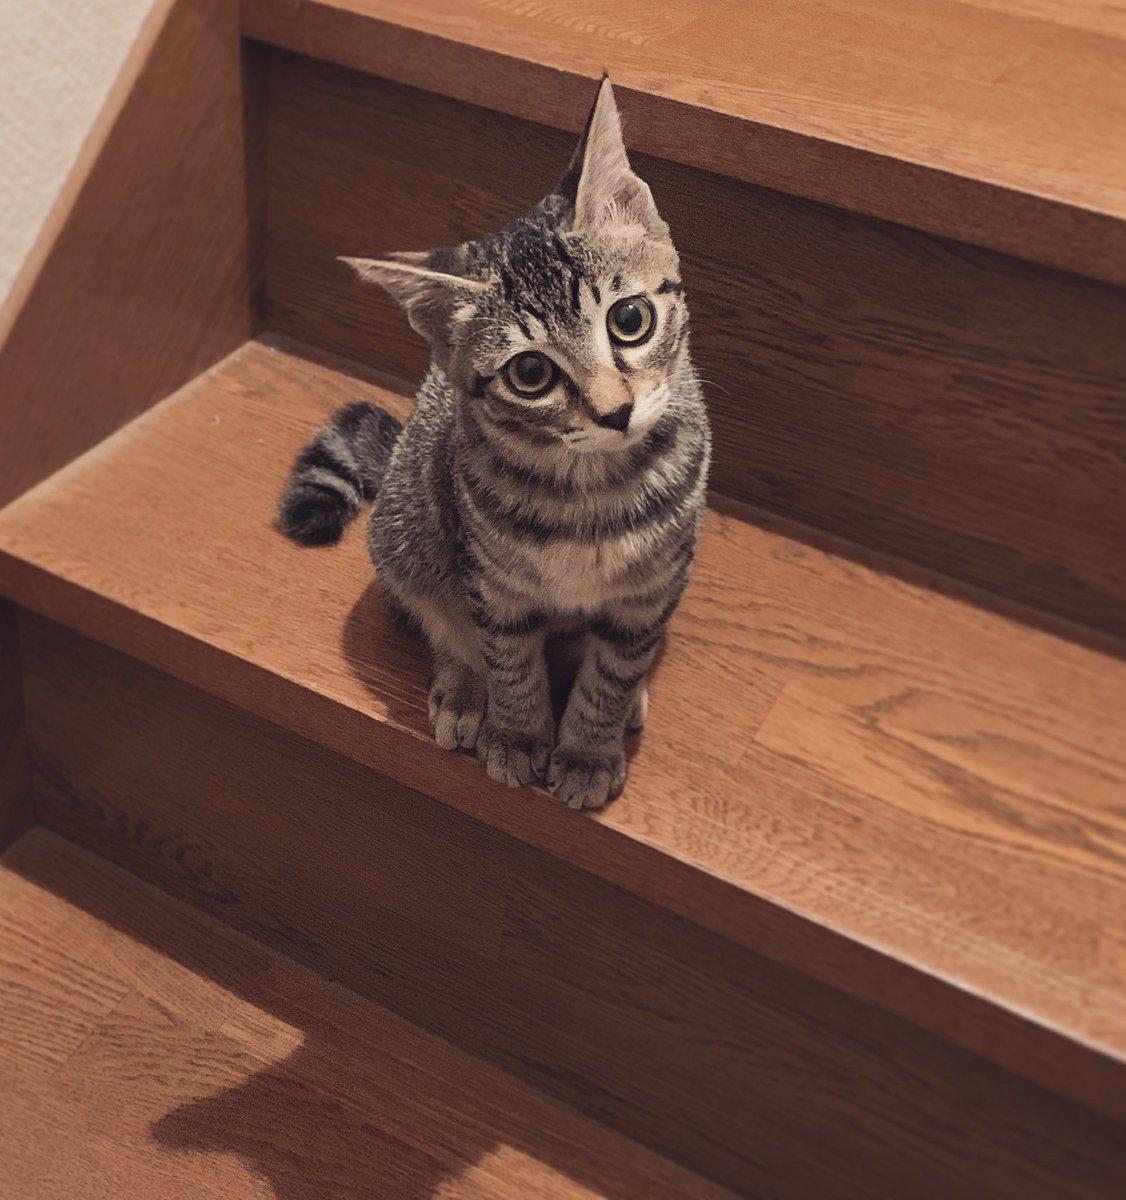 階段は一気に登る派のねこ、人間が途中で止まると「なんでこないの?」って顔で戻ってくるのかわいい